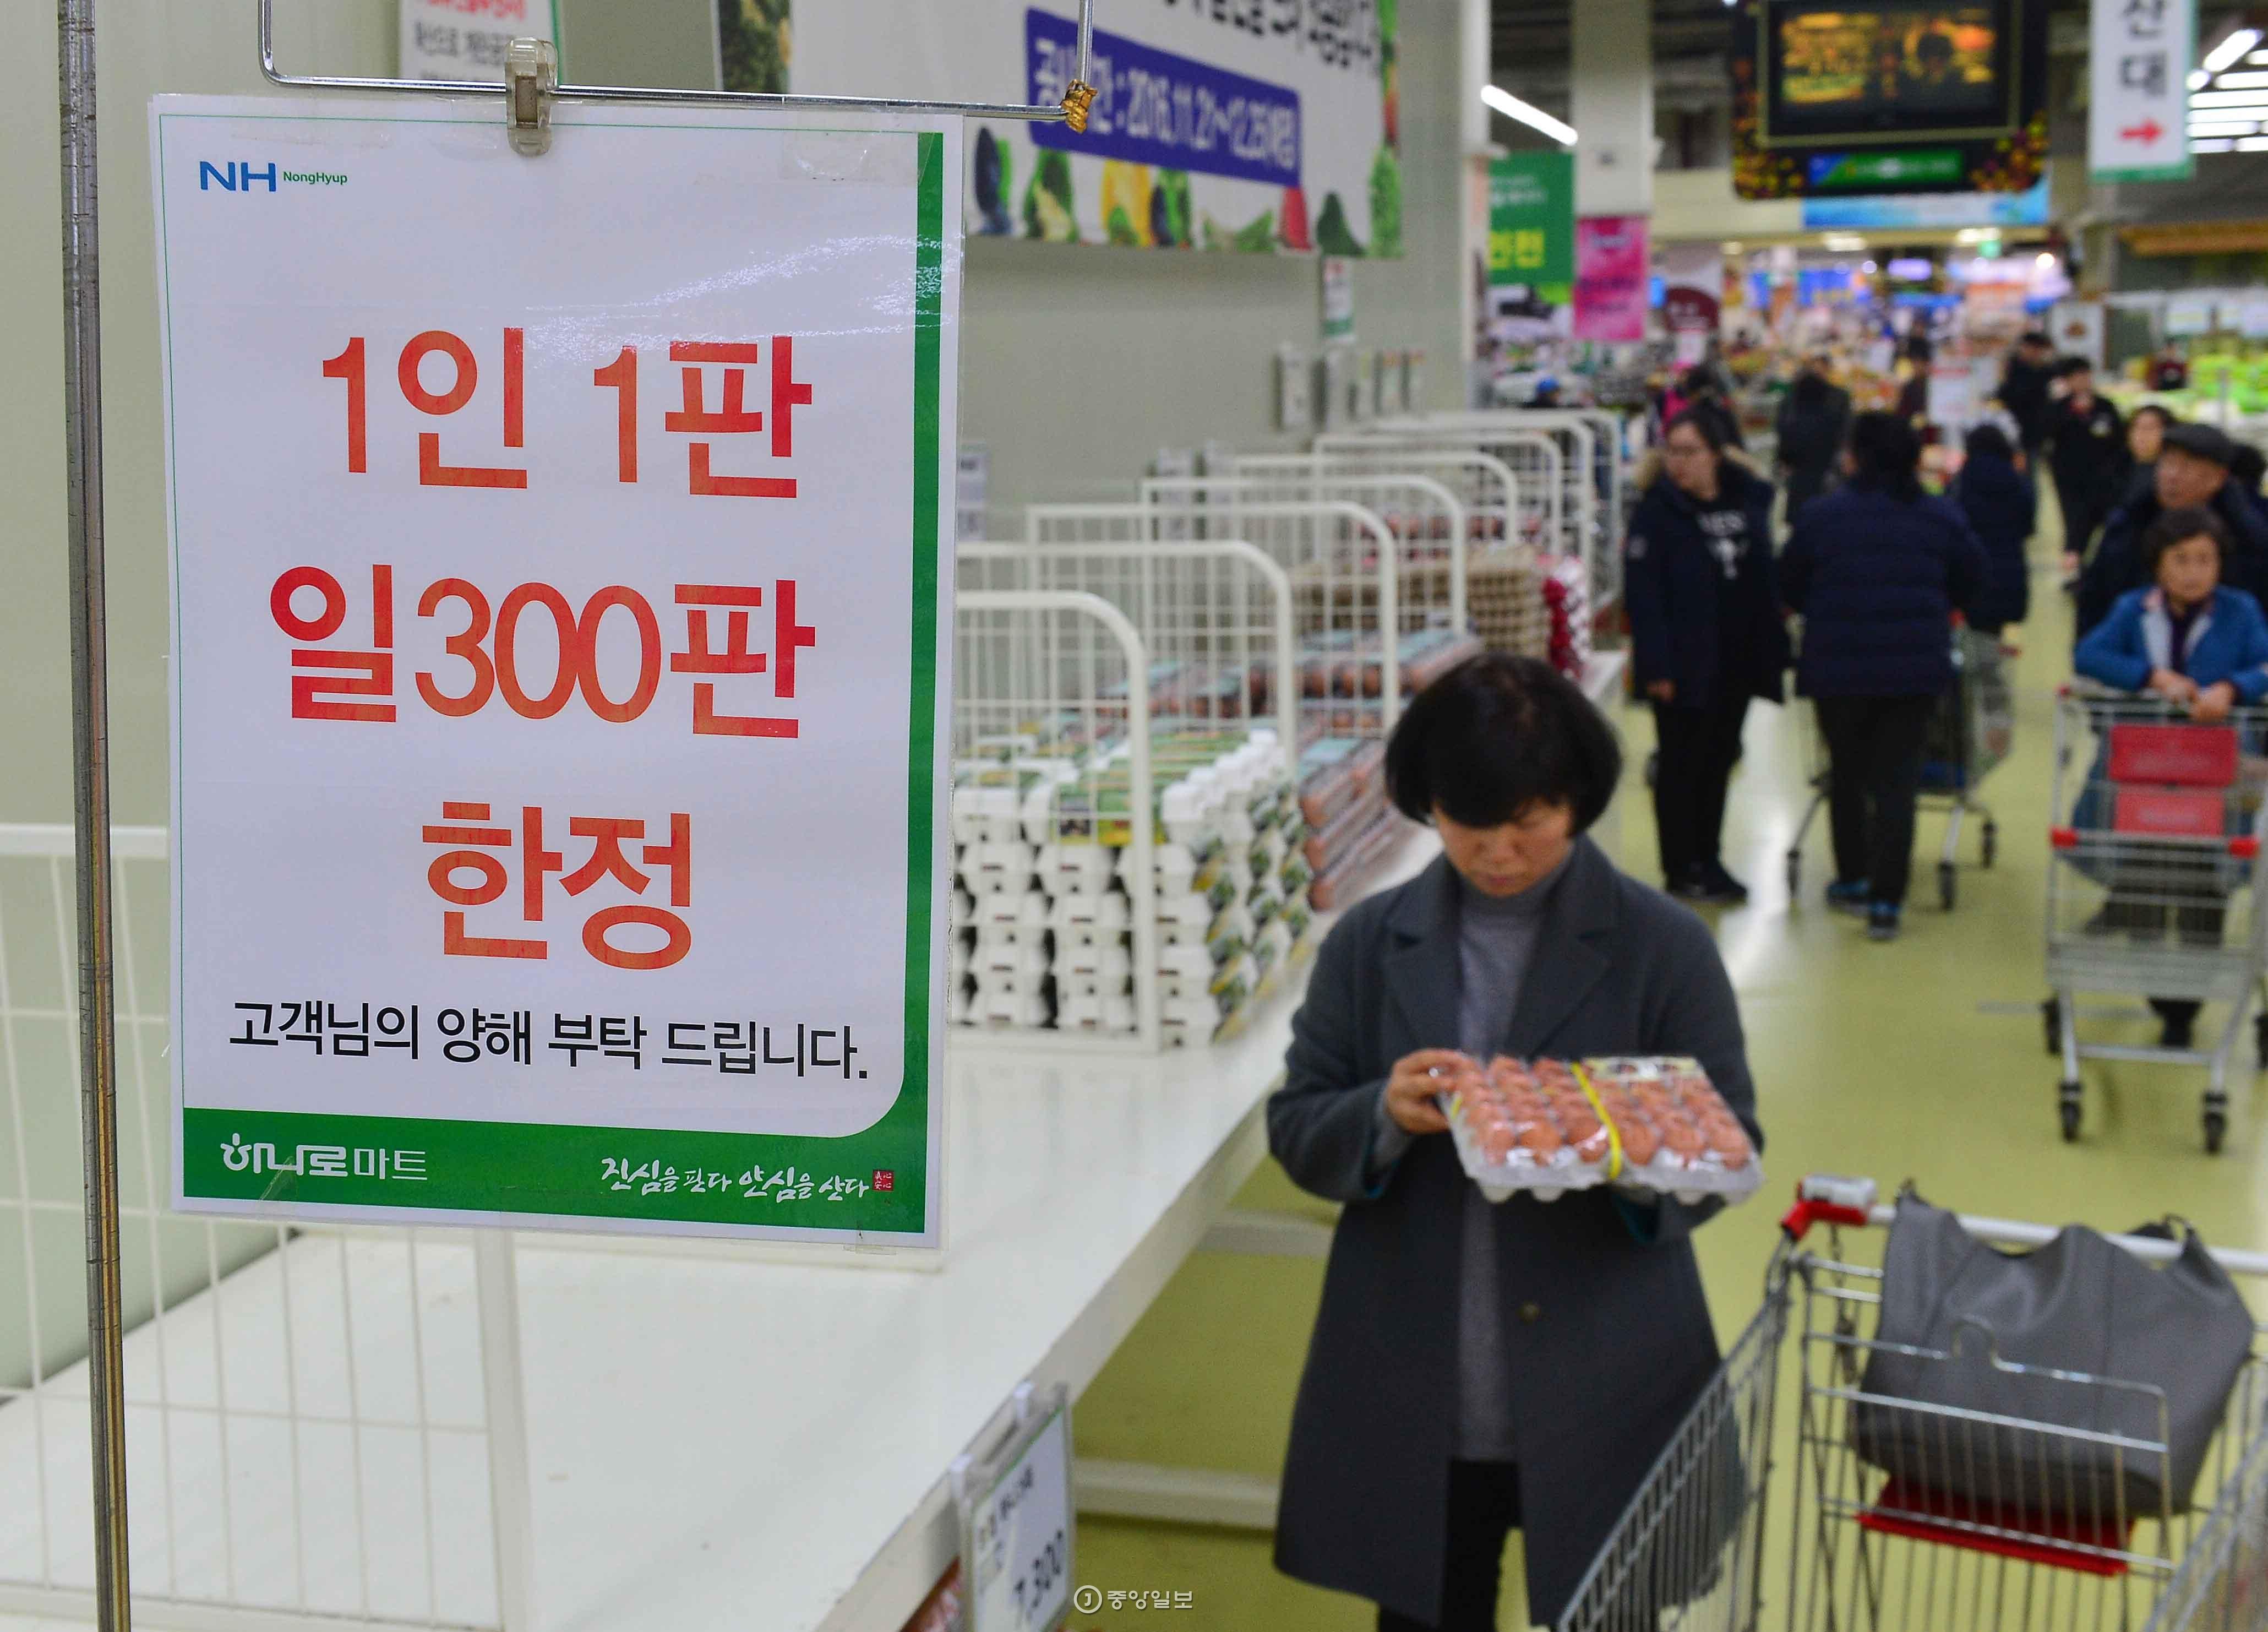 AI 영향으로 시장에 계란 공급이 부족하자 가격이 치솟았다.